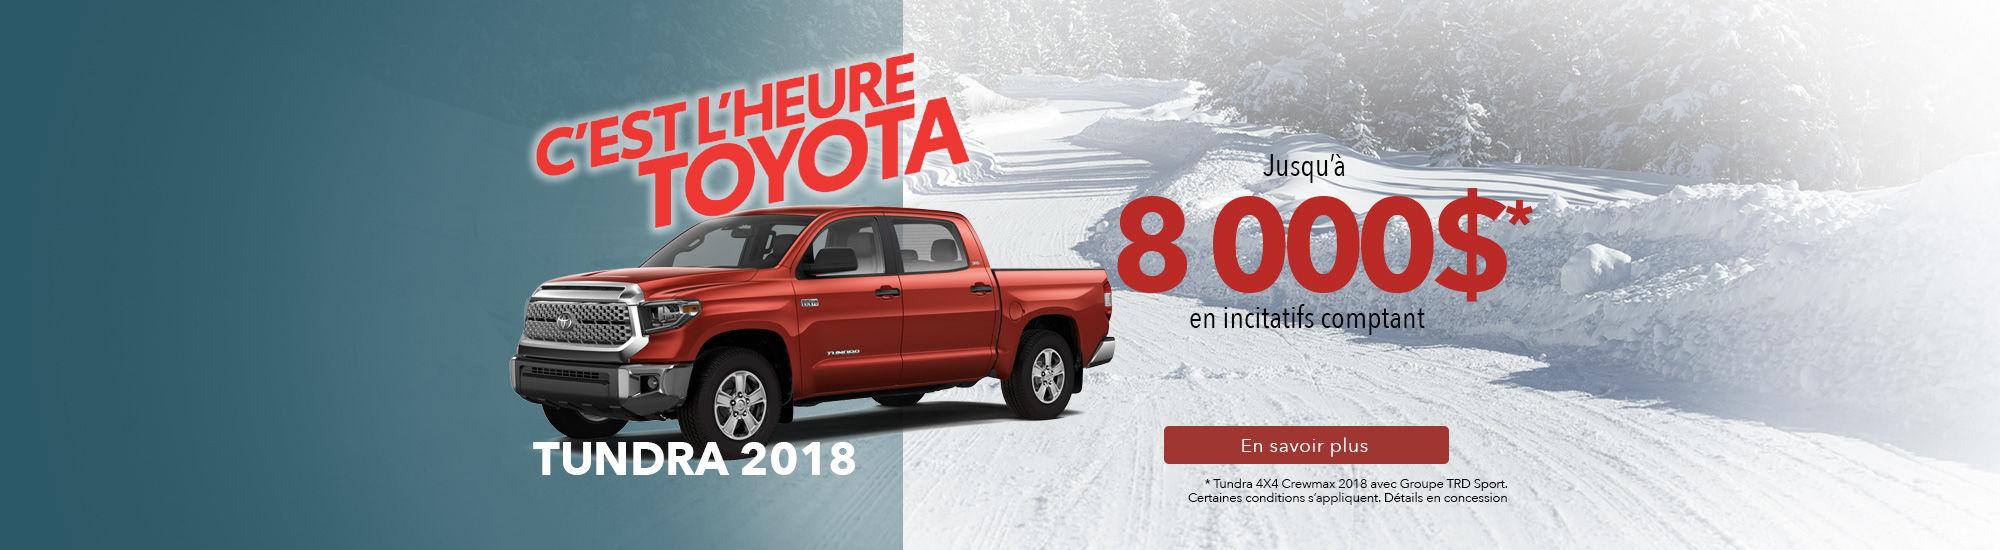 Tundra 2018 - Janvier 2019